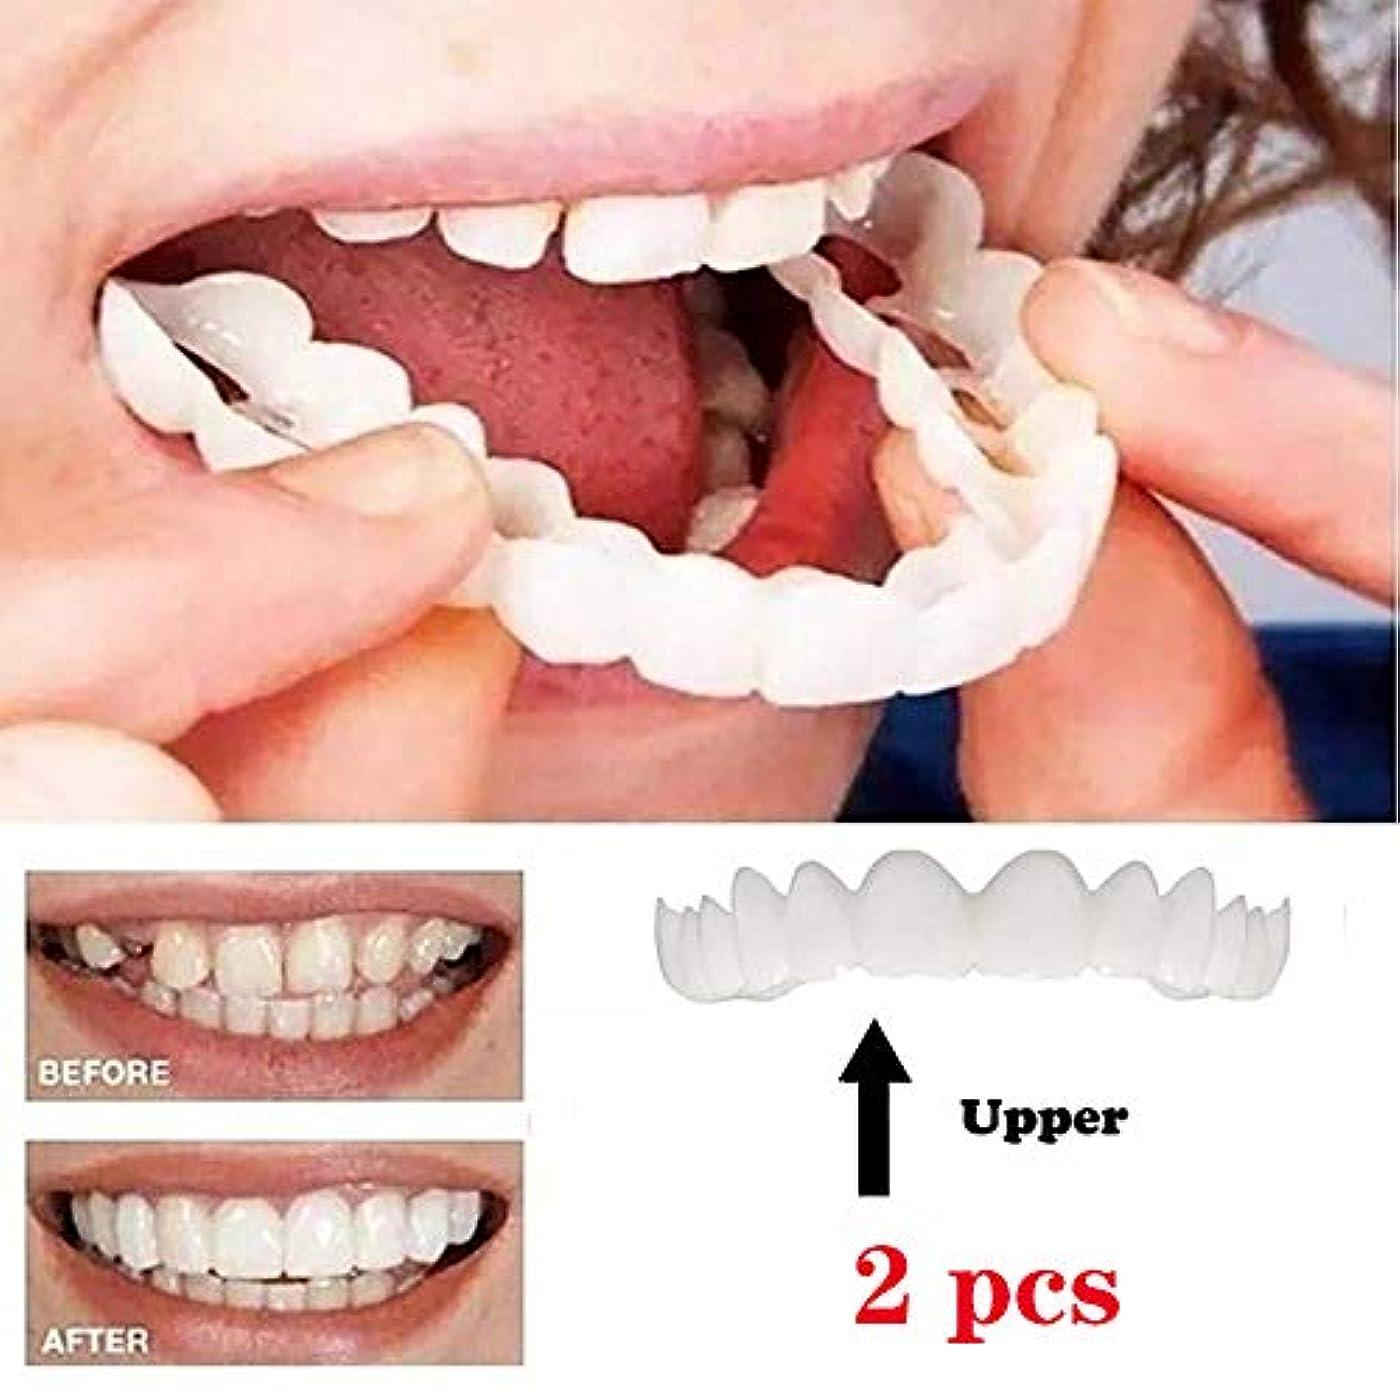 地区メンター選択義歯歯科口腔ケア歯プラスチックホワイトニング義歯ワンサイズホワイトニング義歯シリコンアッパー偽歯カバーすべてにフィット(2個)